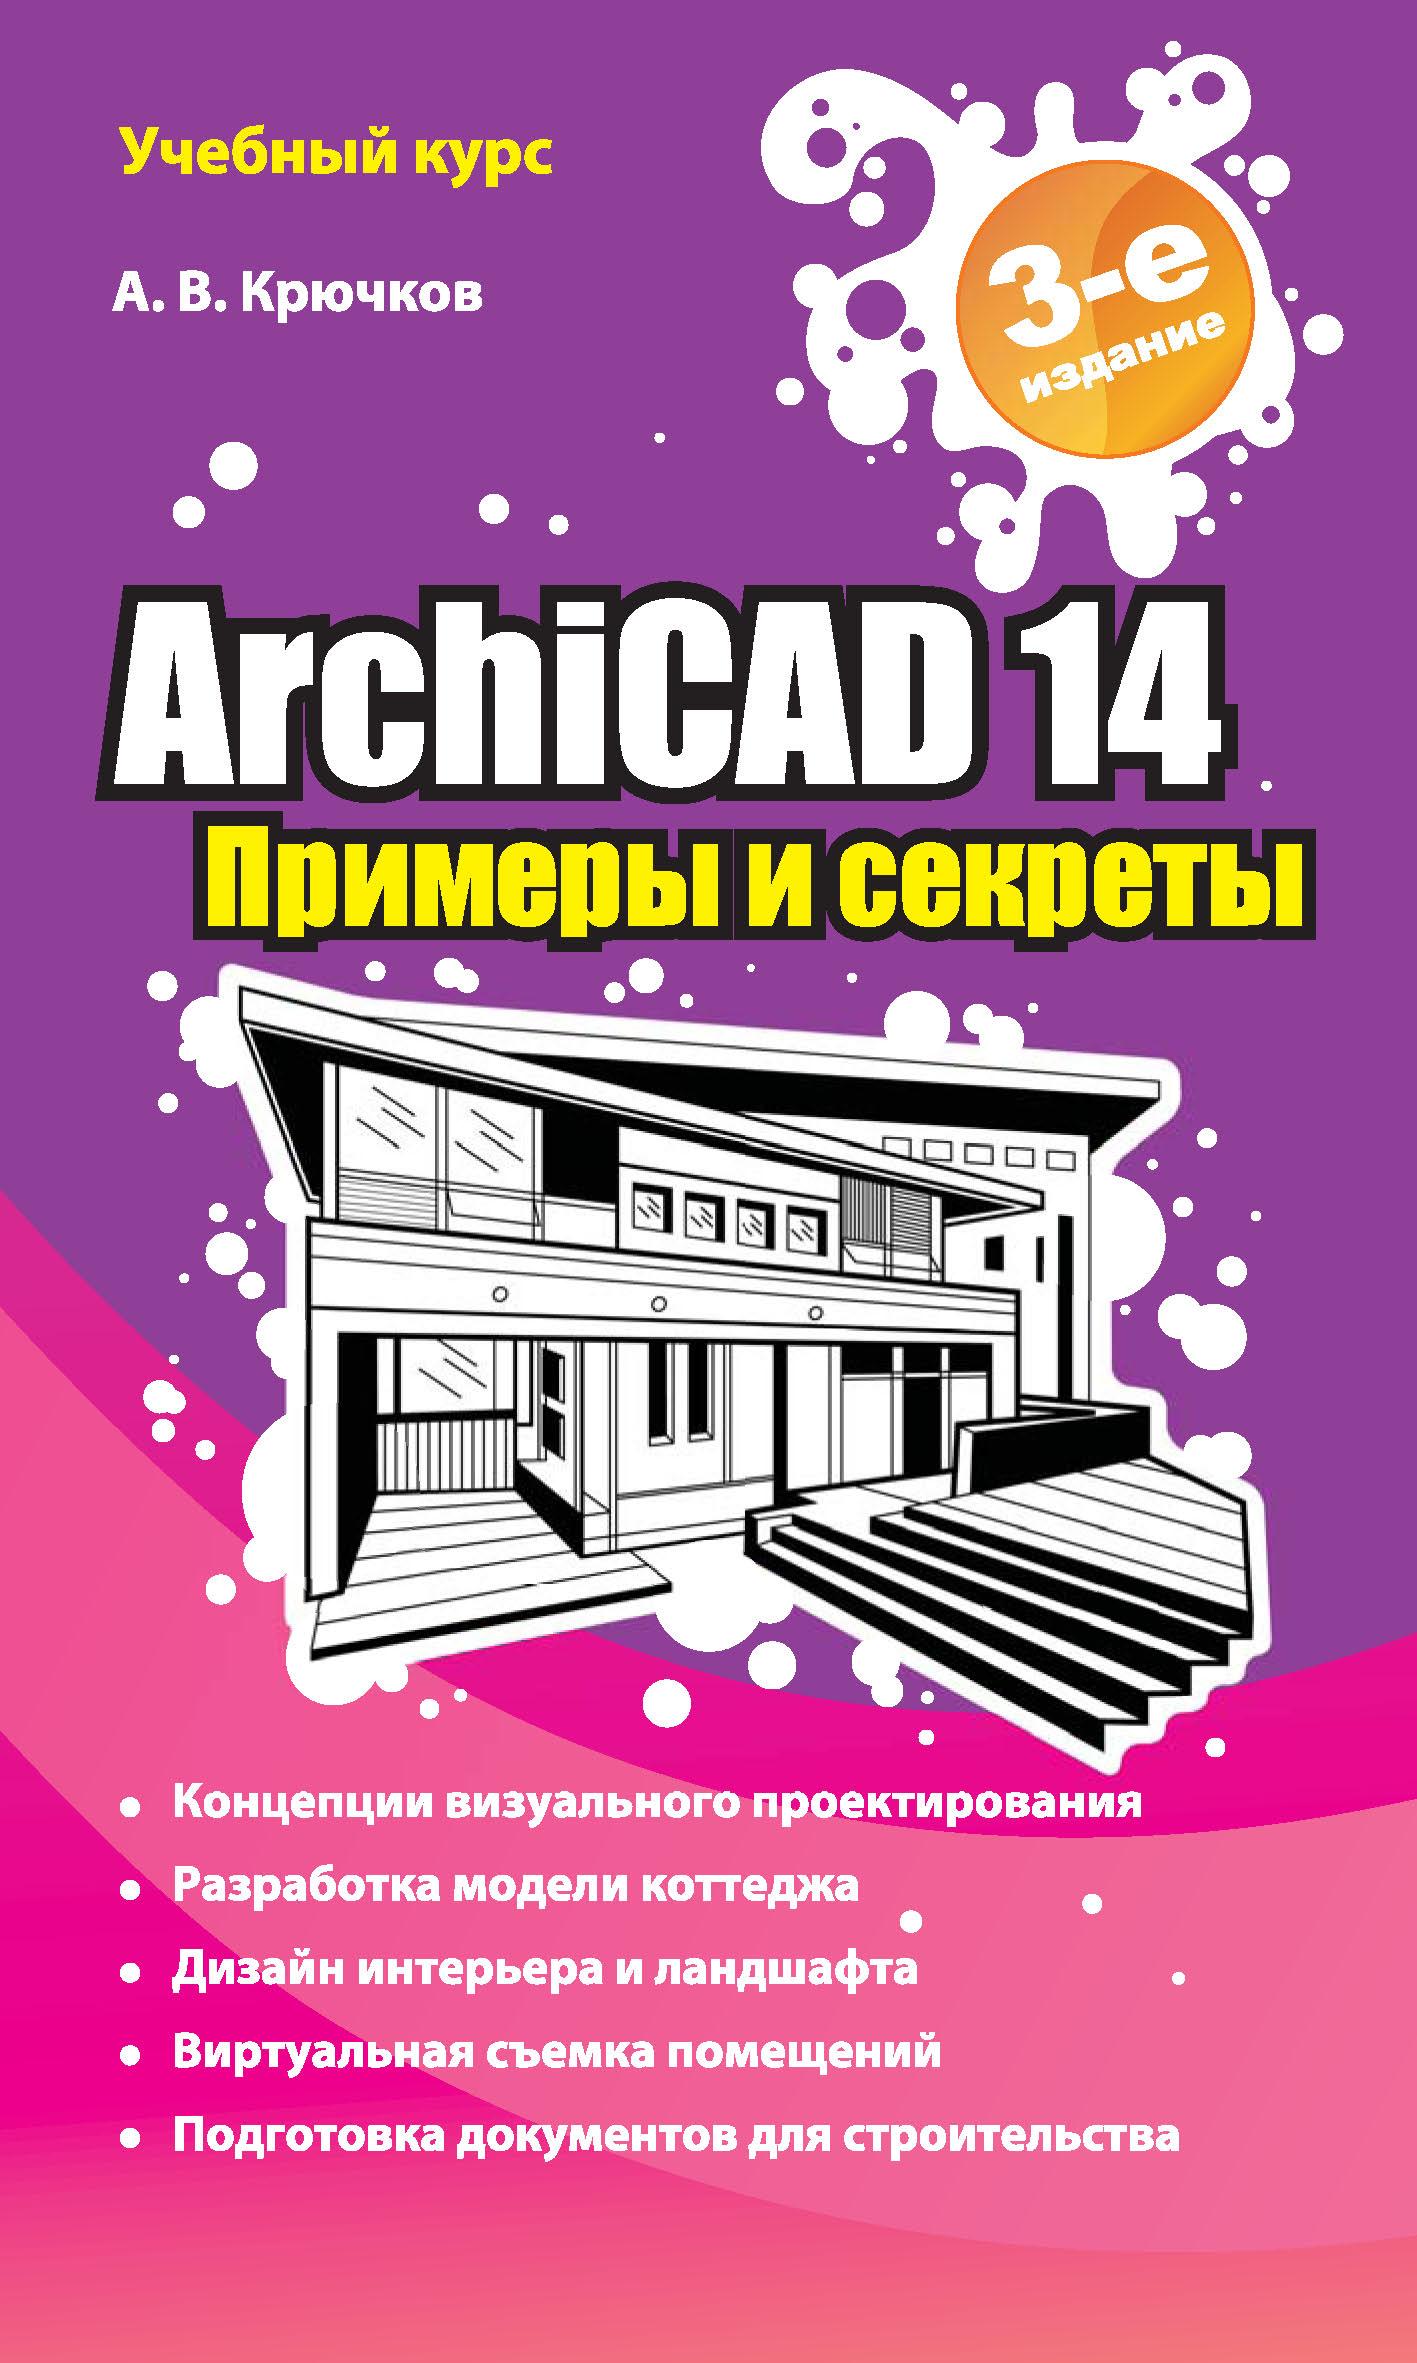 А. В. Крючков ArchiCAD 14. Примеры и секреты наталья малова archicad 18 в примерах русская версия pdf epub